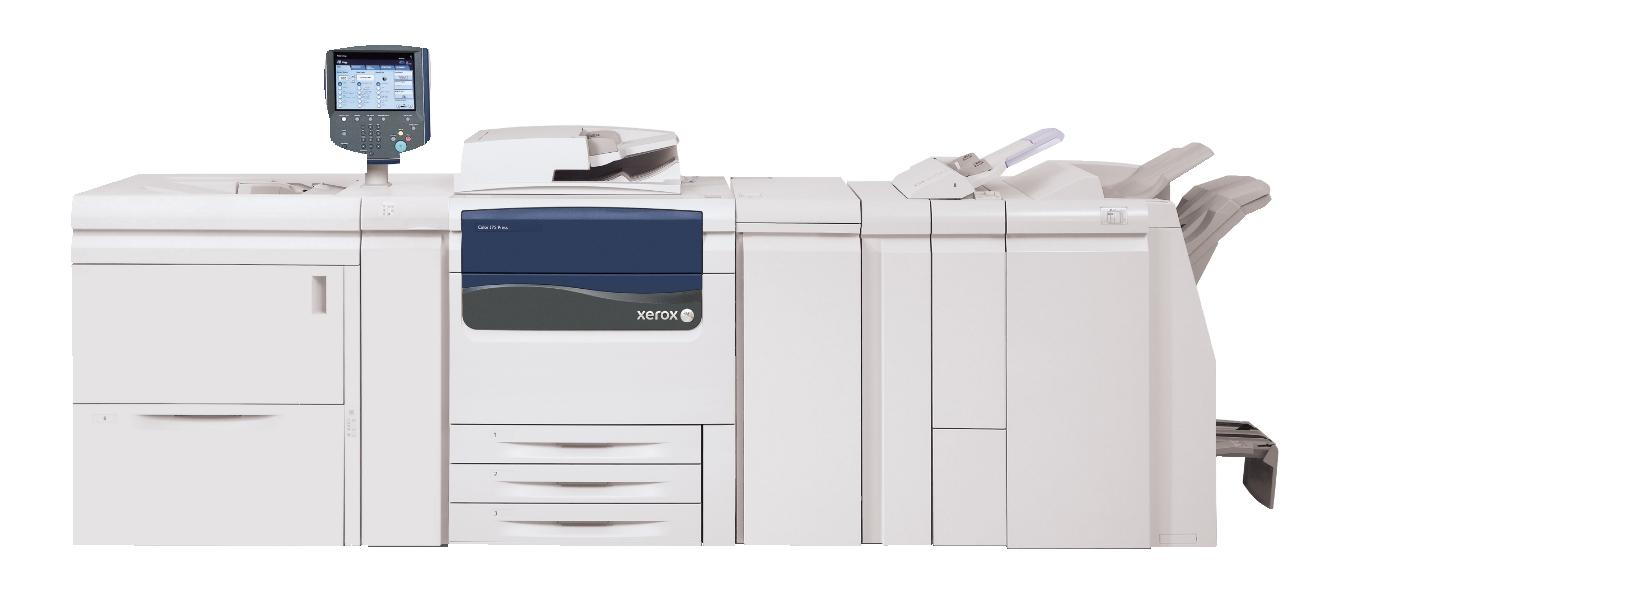 J75 Press